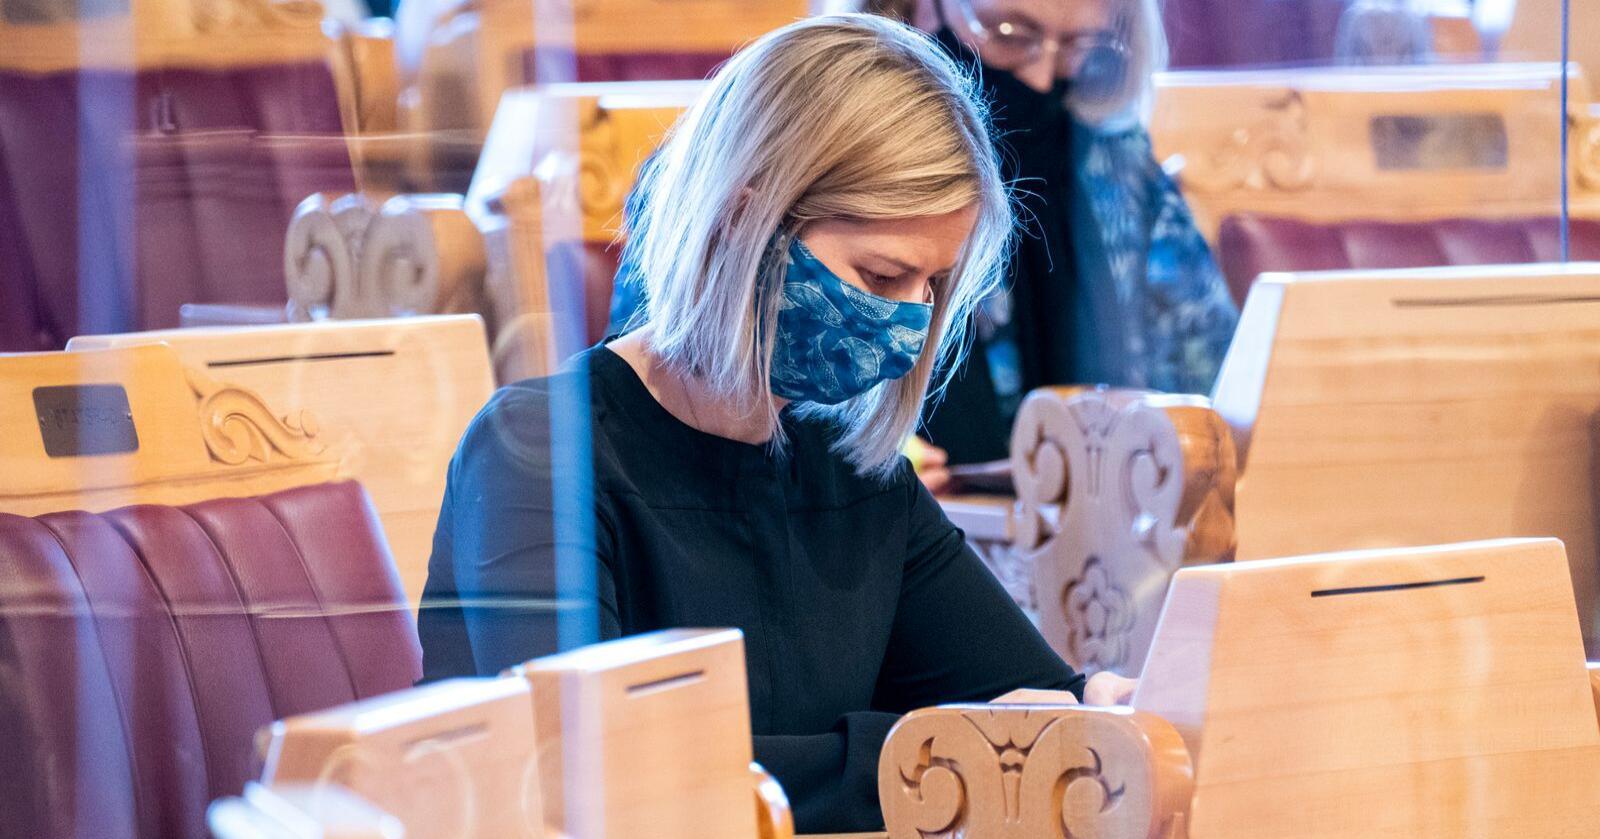 Kunnskaps- og integreringsminister Guri Melby (V) er i karantene etter et smitteutbrudd i barnehagen der barna hennes går. Foto: Terje Pedersen / NTB